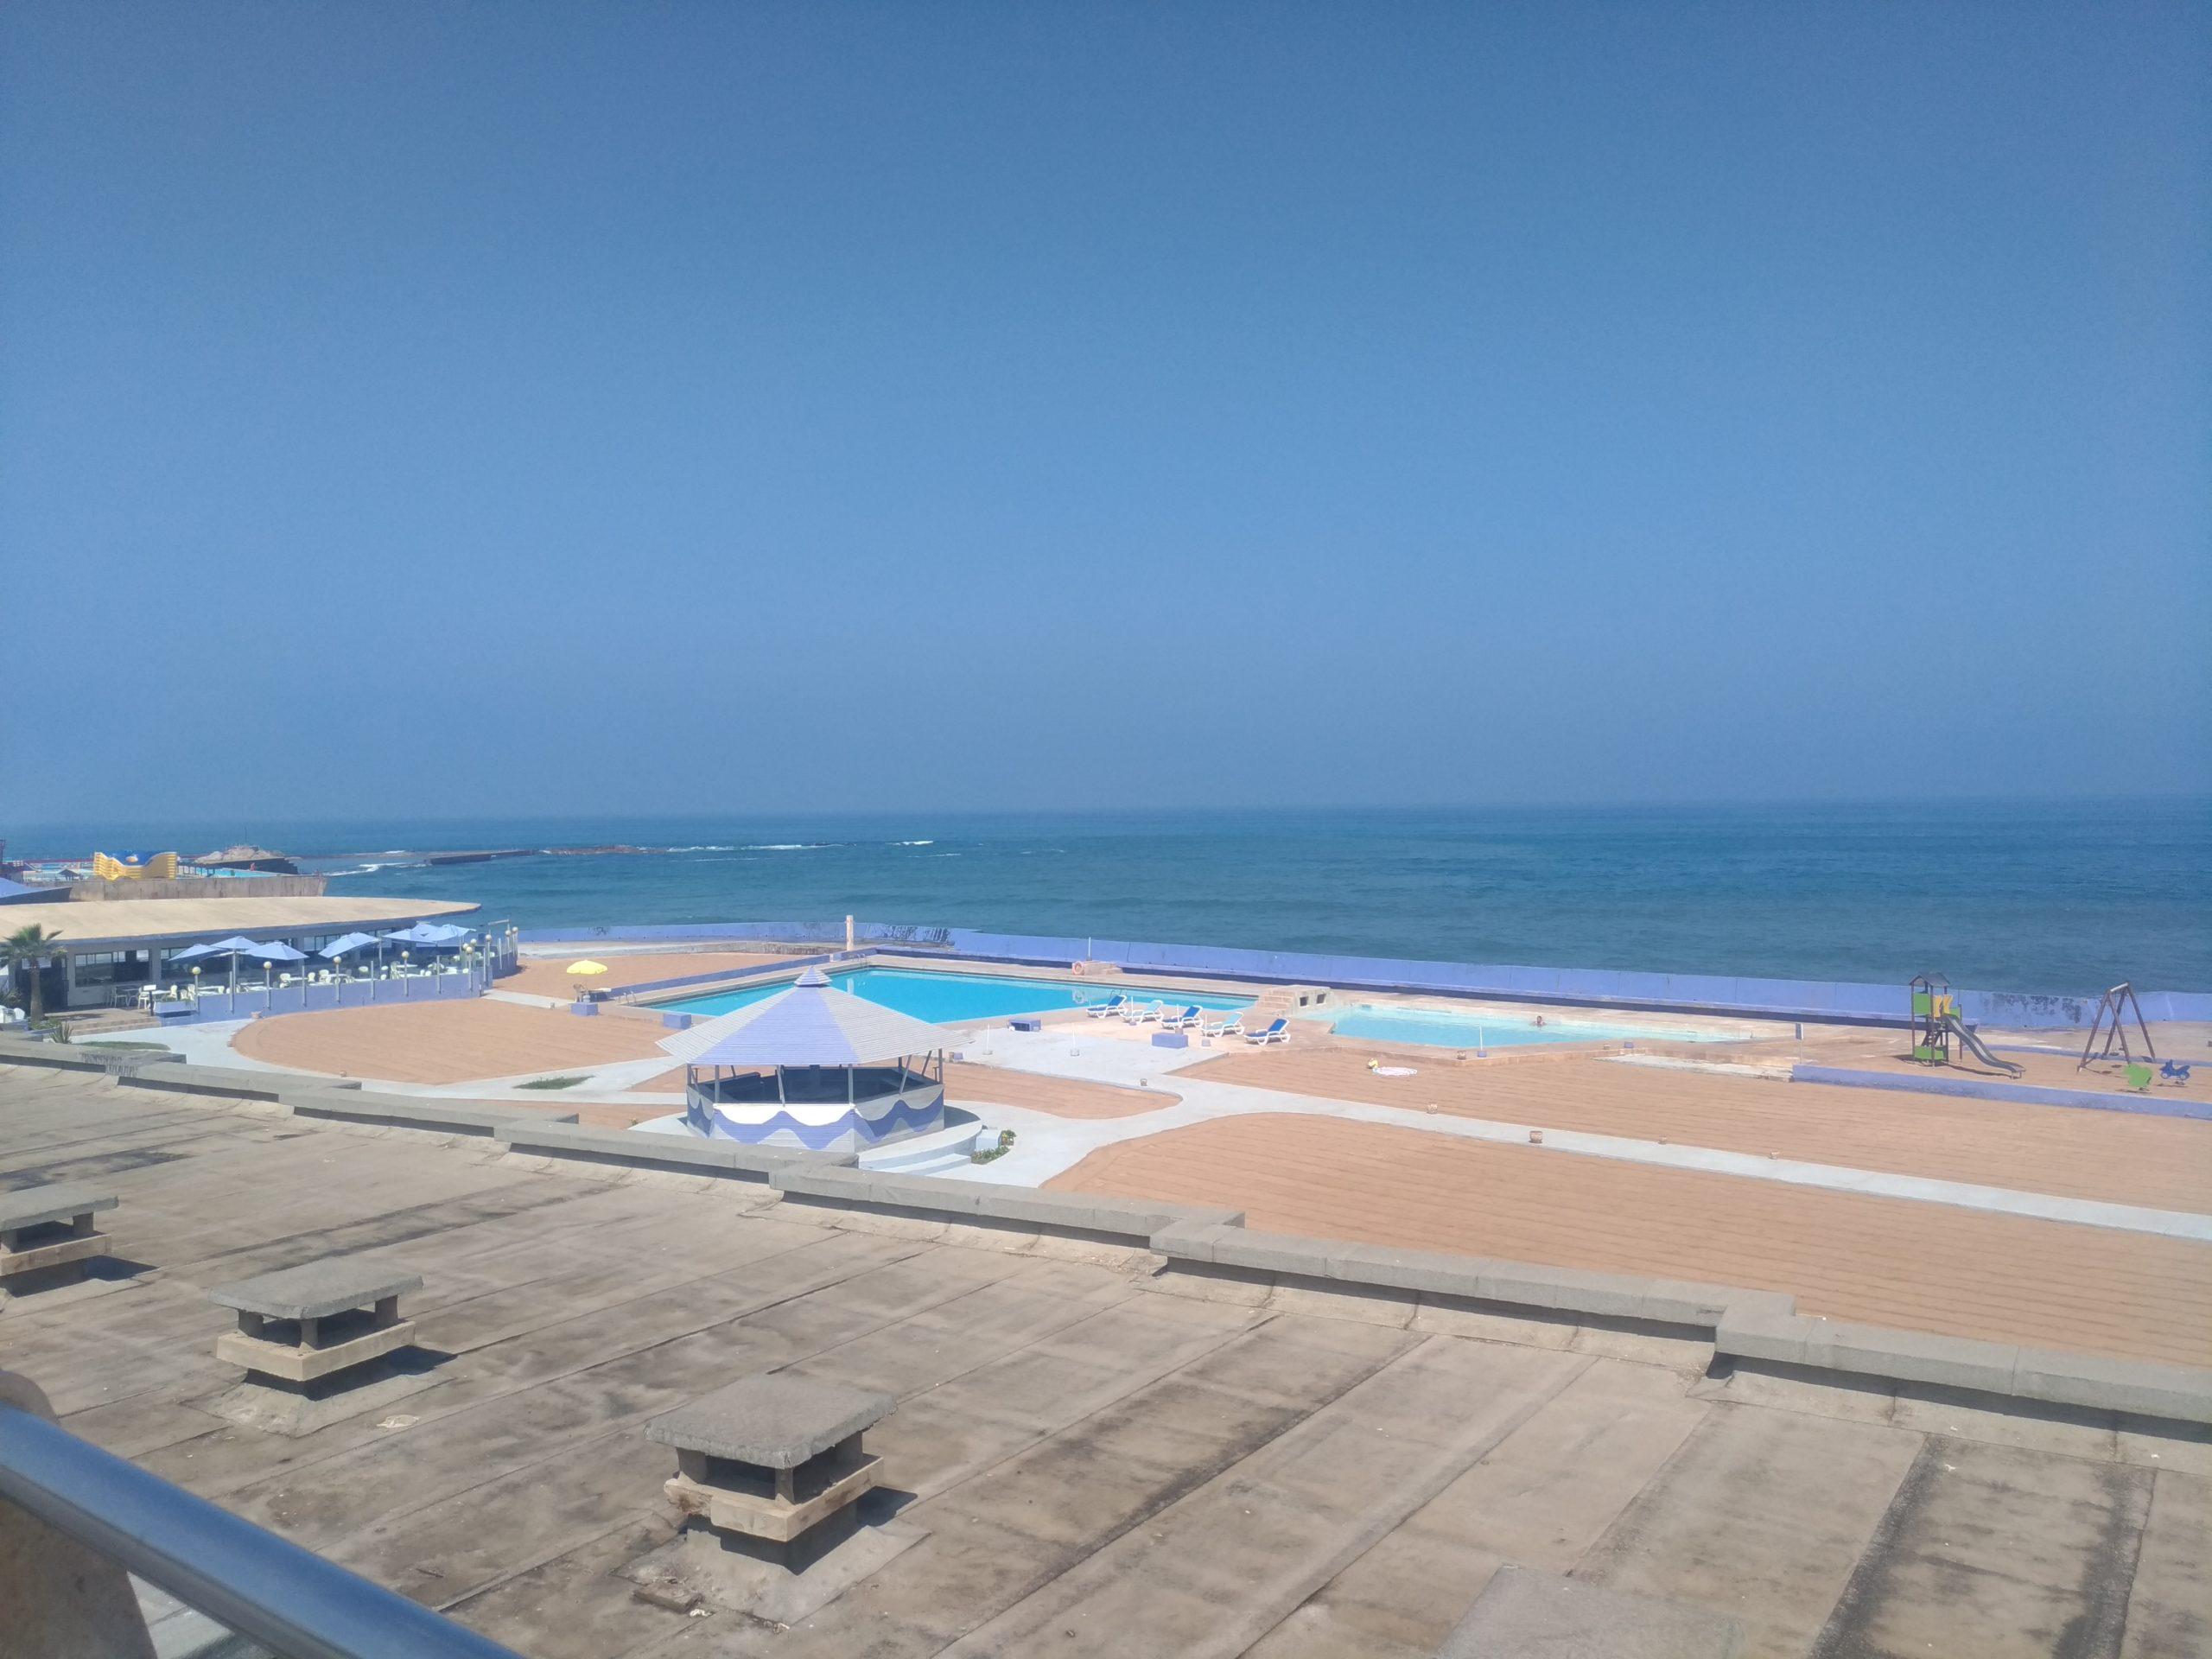 plaże w casablance czu są ładne